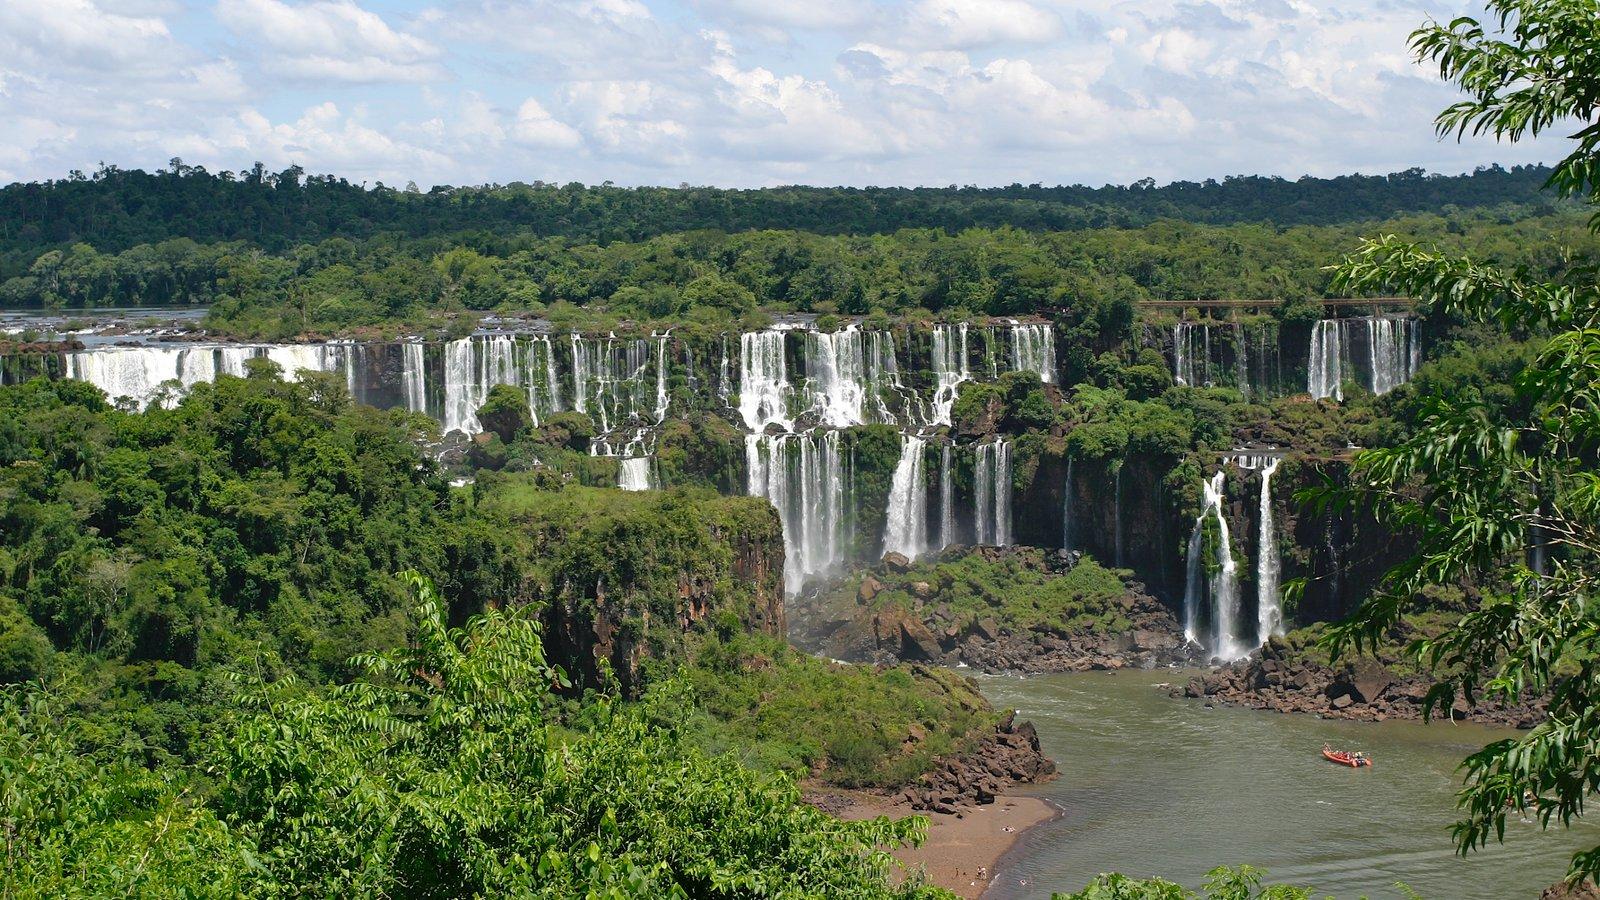 Região Sul que inclui um rio ou córrego, uma cascata e floresta tropical